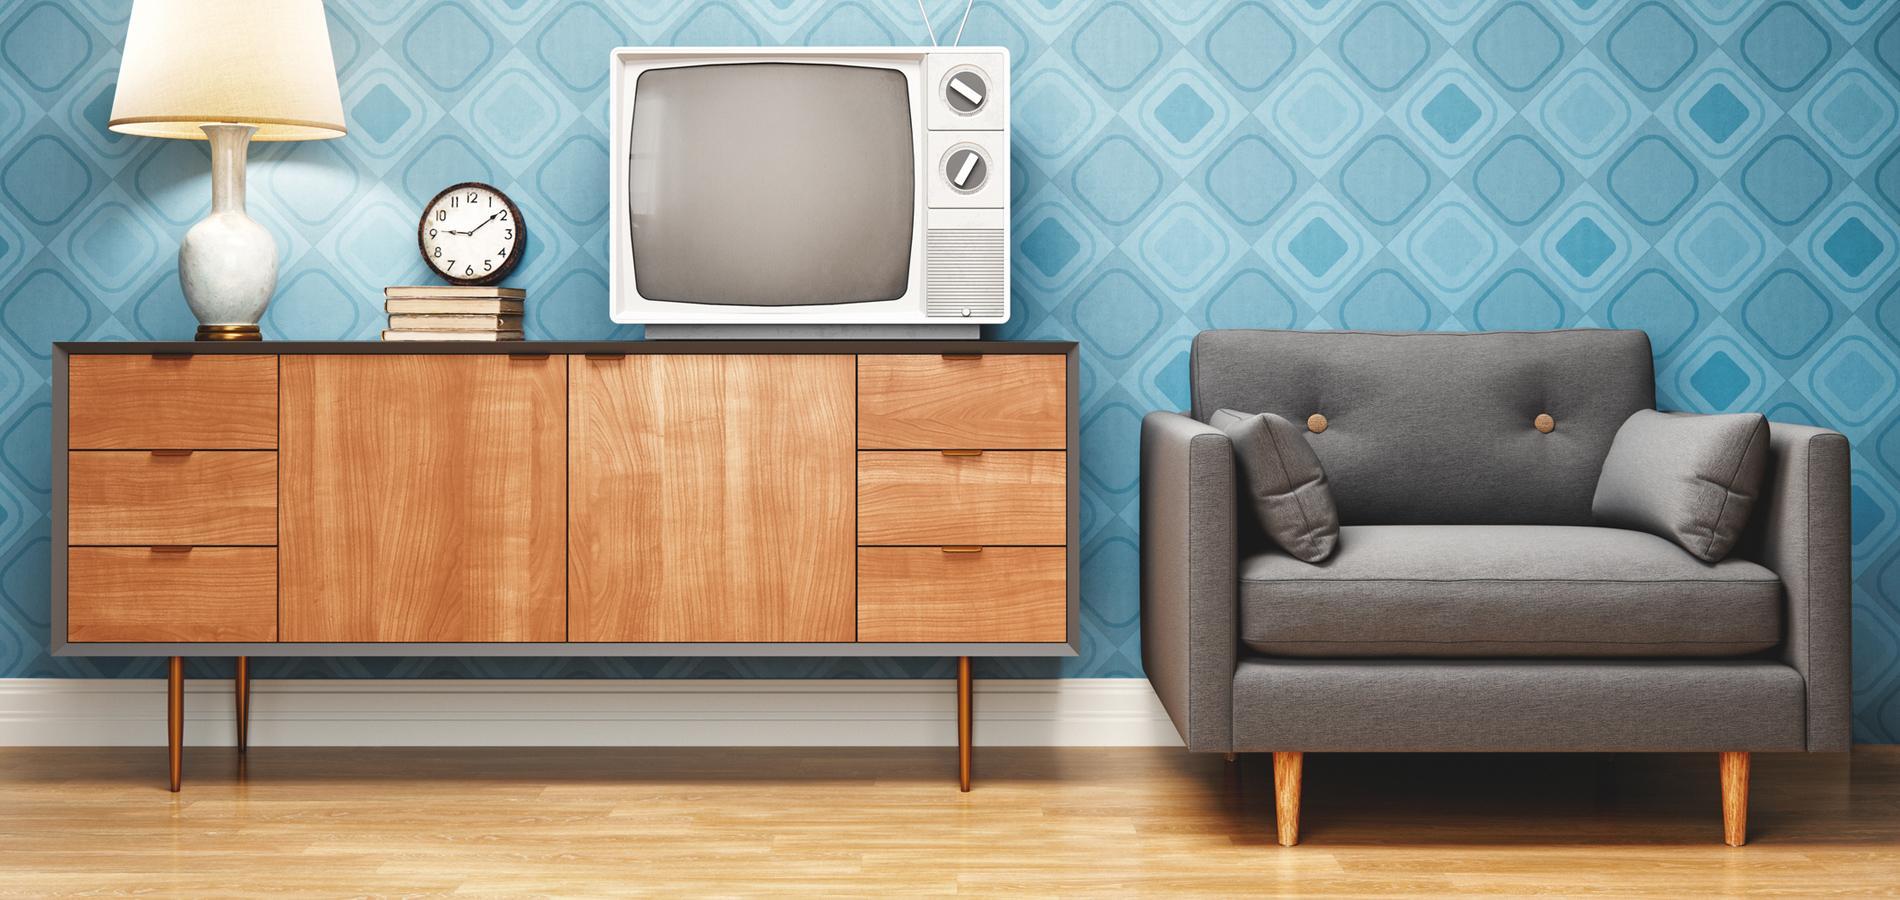 bien photographier ses objets d co la solution pour mieux les vendre madame figaro. Black Bedroom Furniture Sets. Home Design Ideas